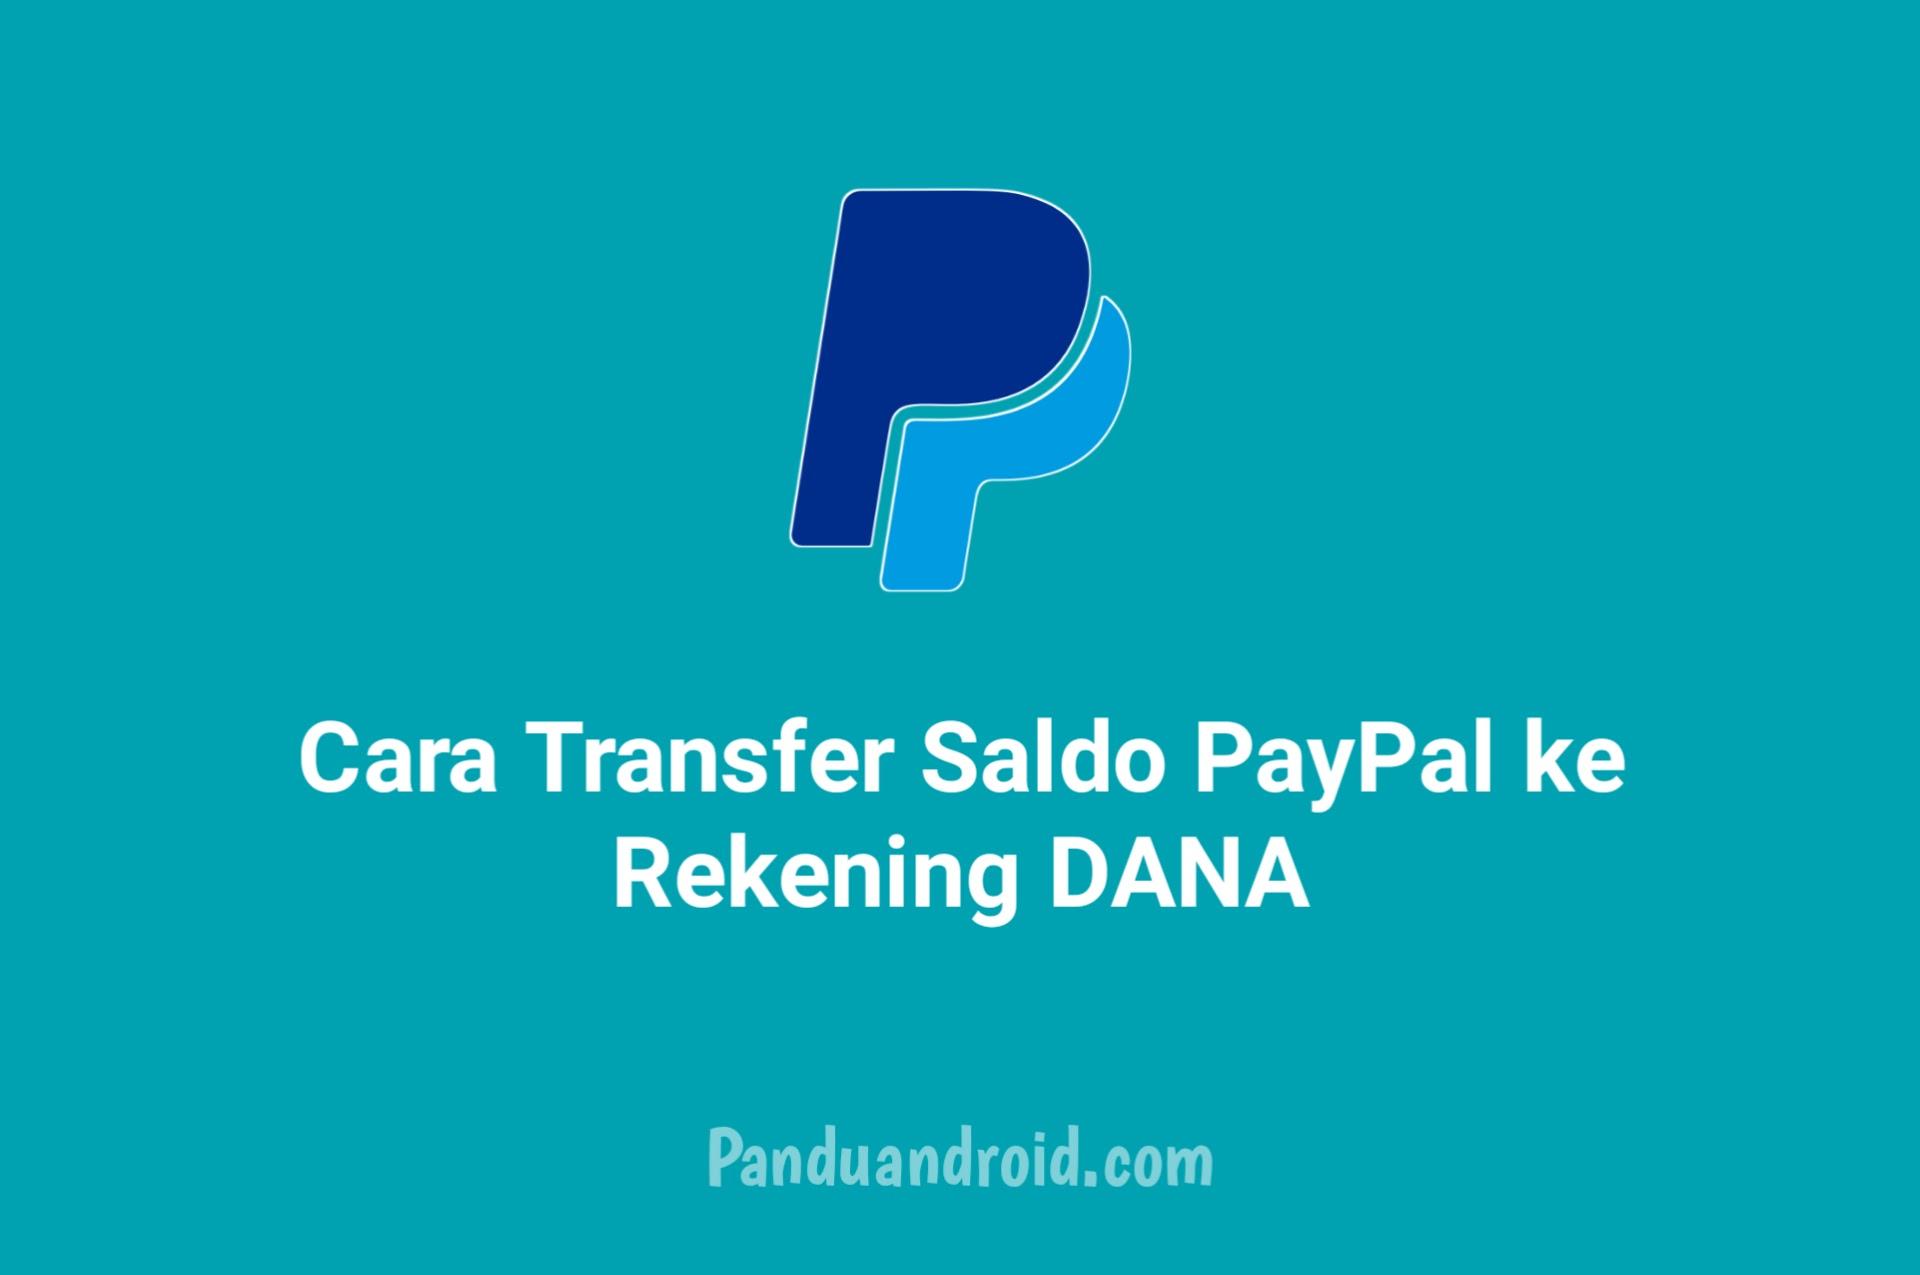 Cara Transfer Saldo PayPal ke Rekening DANA Terbaru 2021